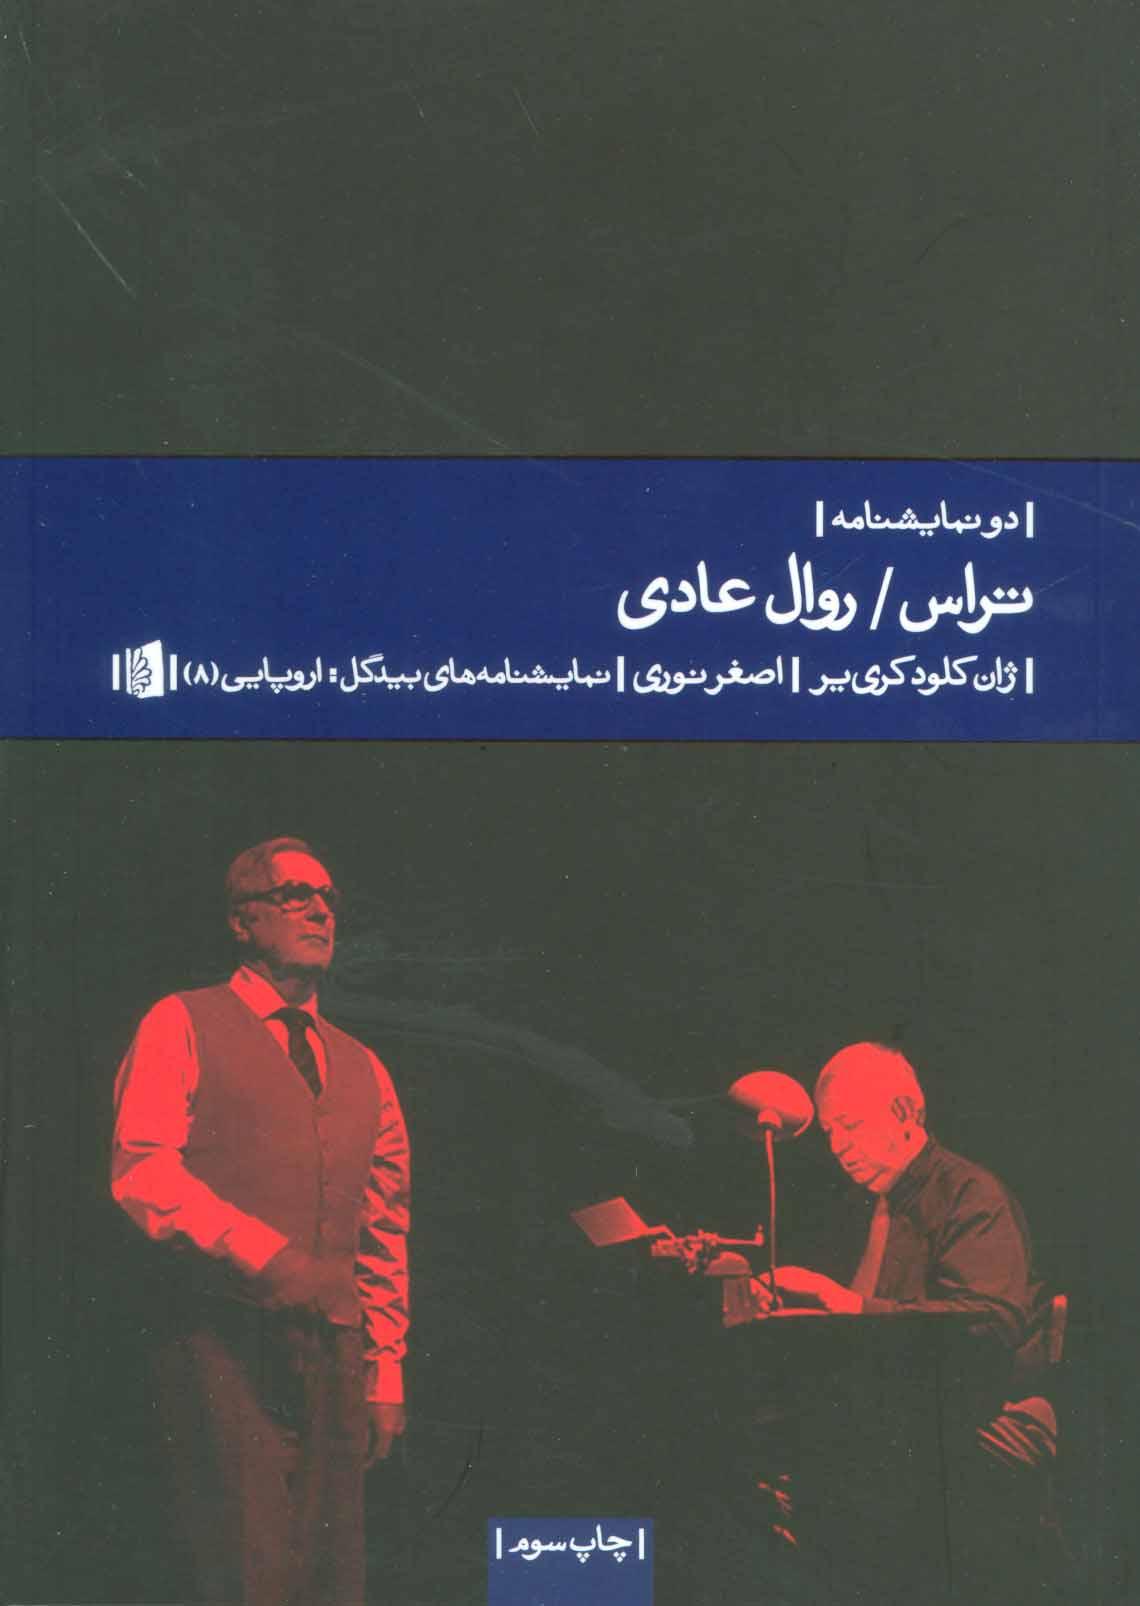 دو نمایشنامه:تراس/روال عادی